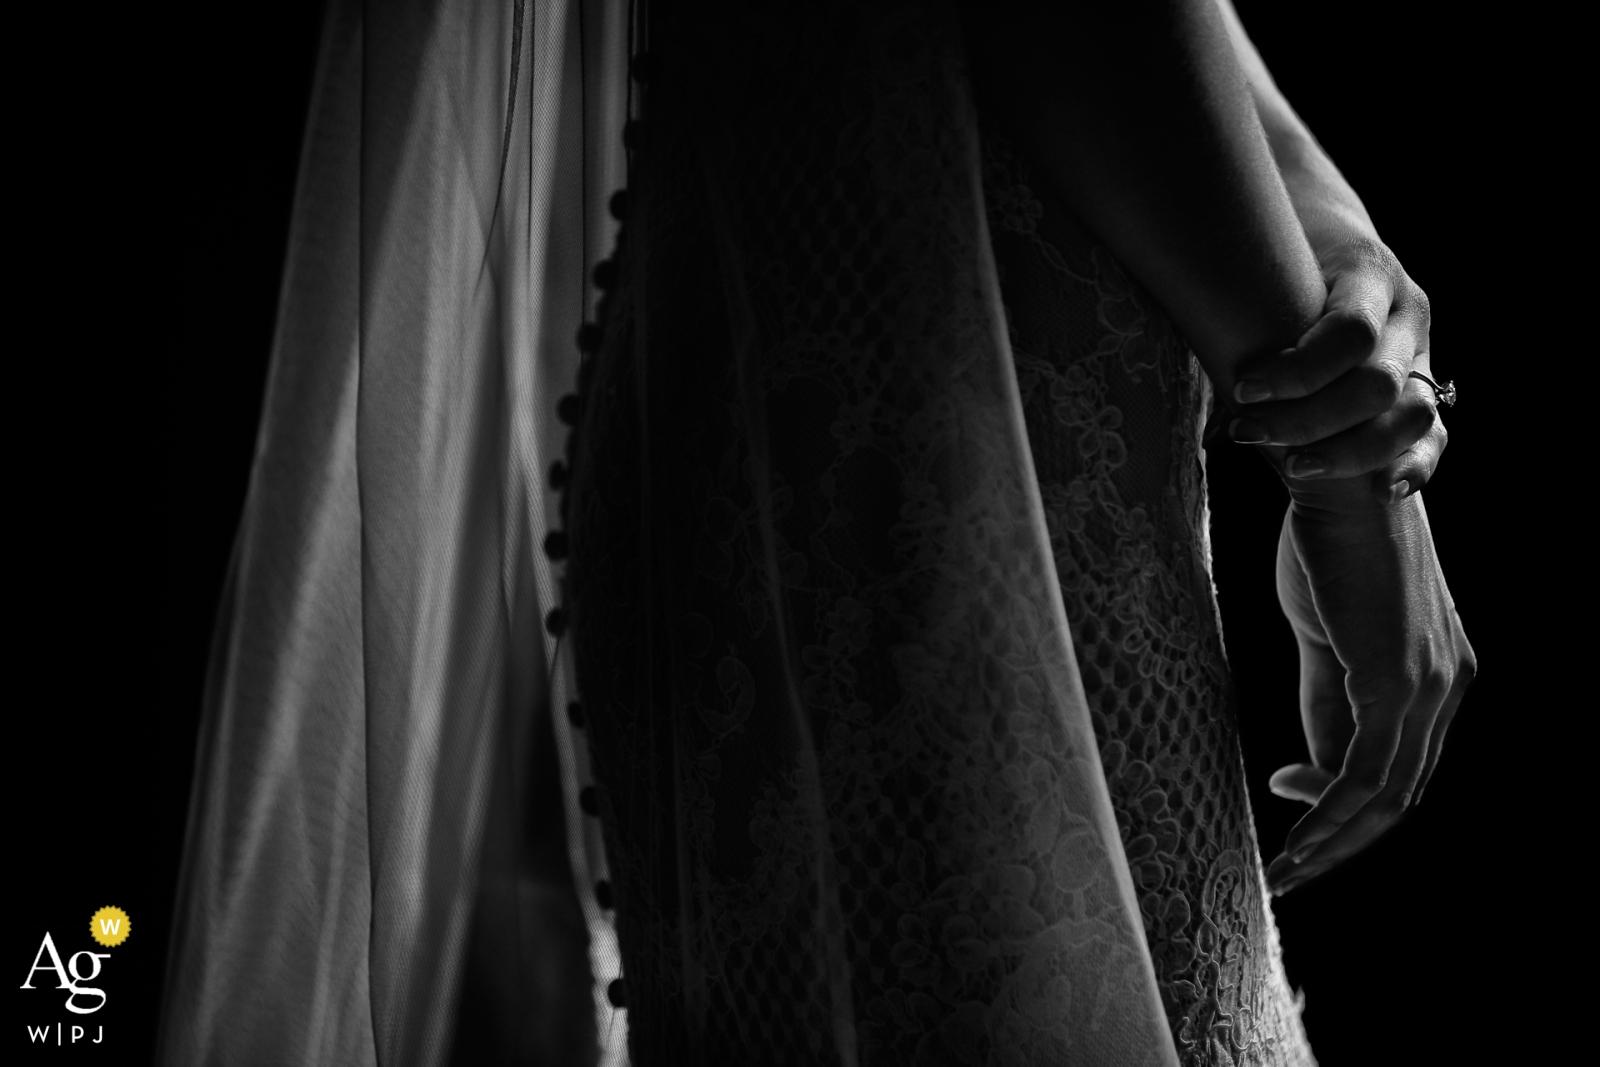 Un photographe de mariage de Toscane a créé cette image de détail en noir et blanc de la robe et du voile en dentelle de mariées